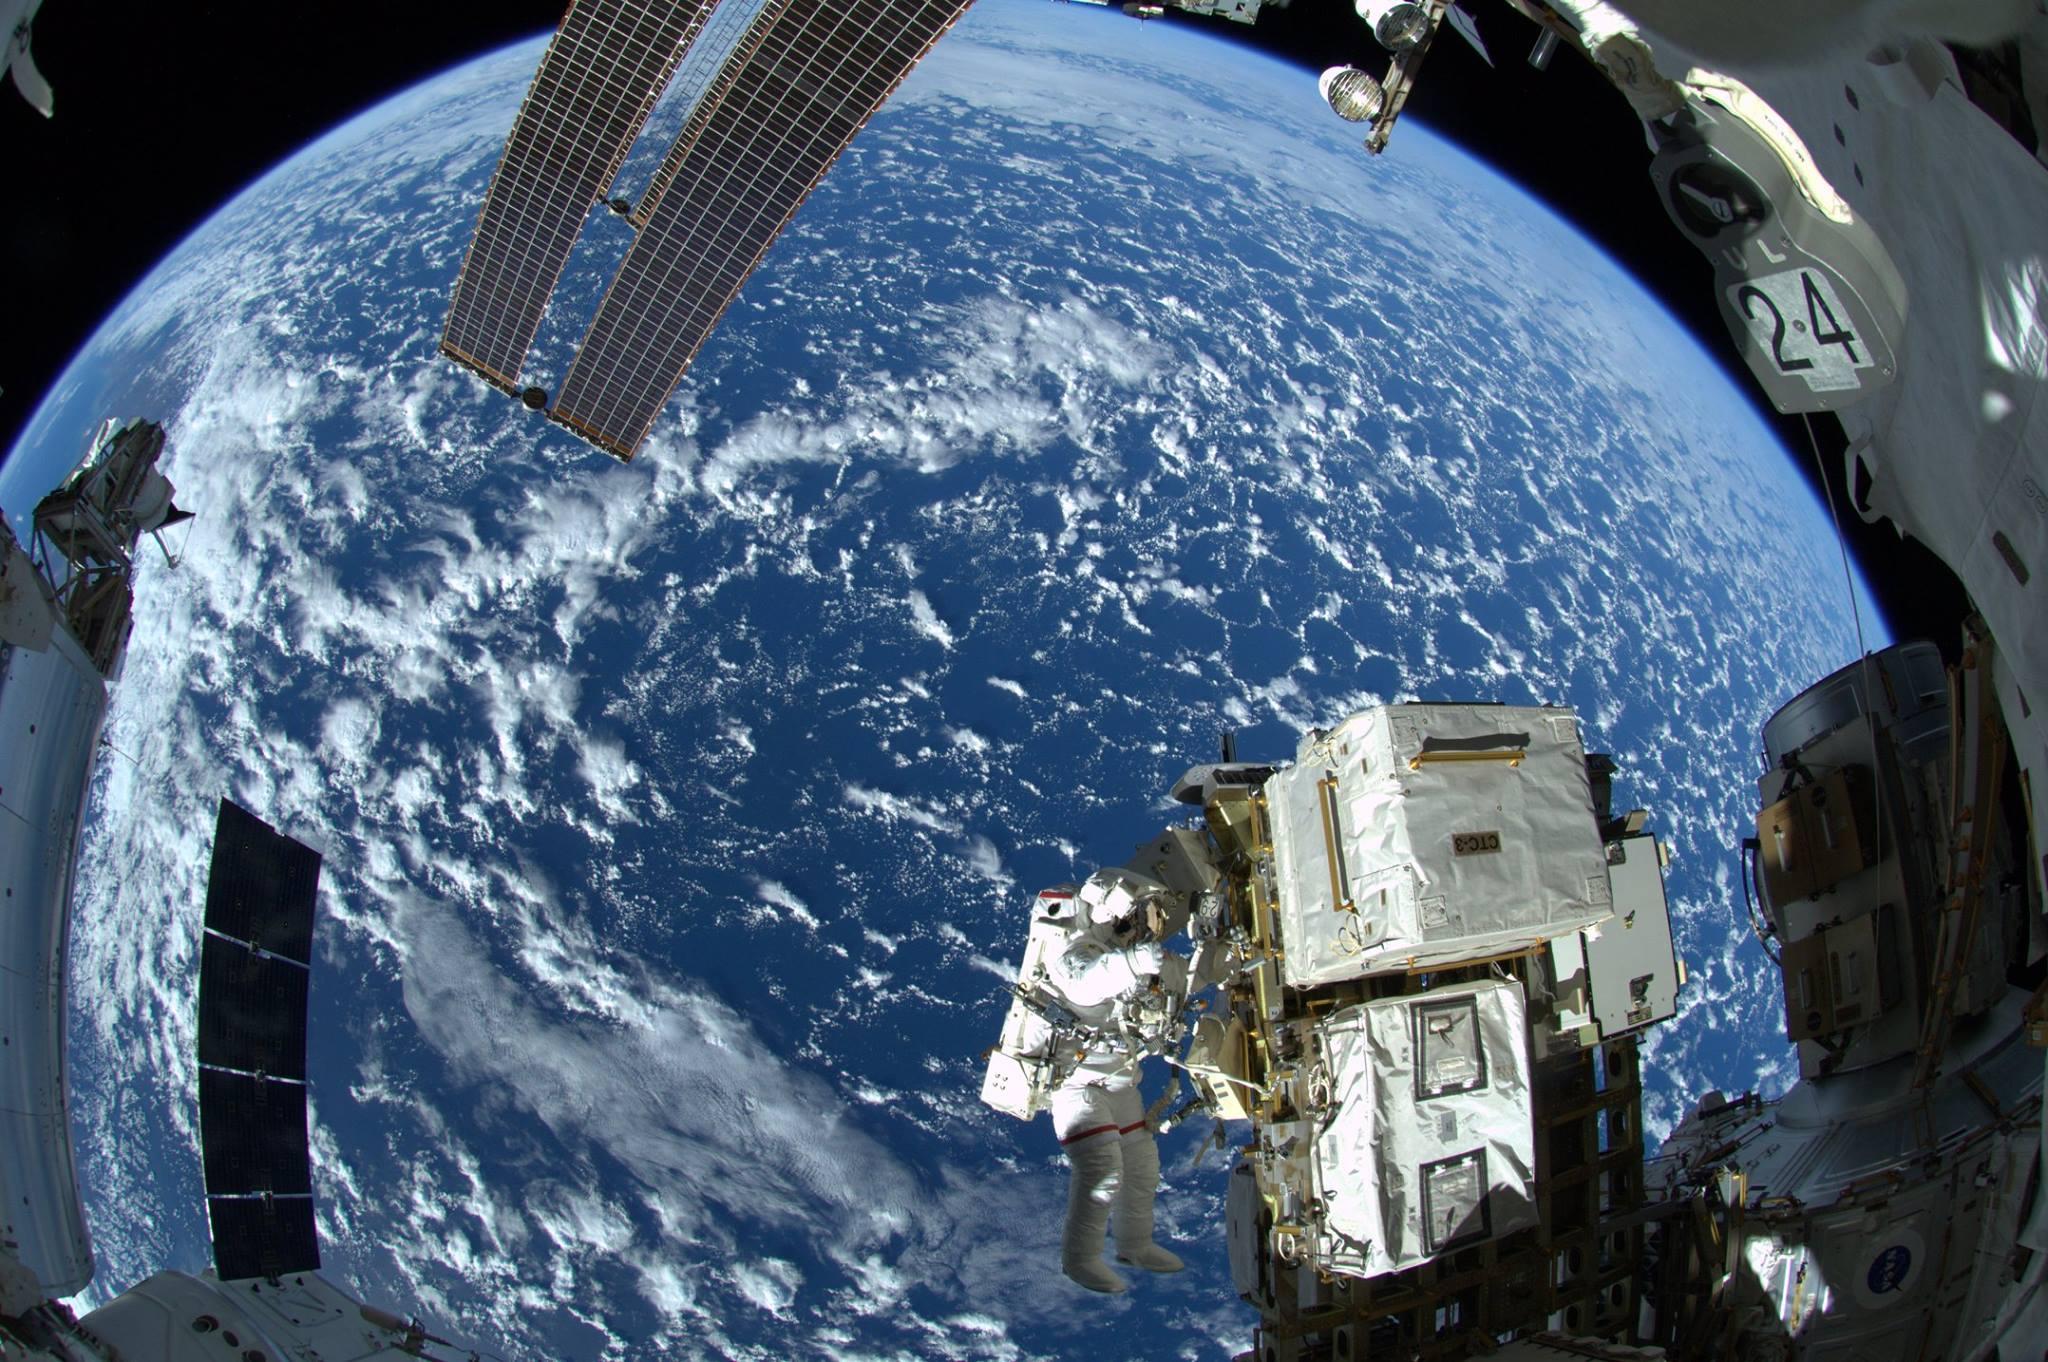 Zunächst sprachlos vom Weltraumspaziergang postete Alexander Gerst dieses Foto, auf dem sein Kollege ReidWiseman, Teile der Raumstation und die Erde zu sehen sind.